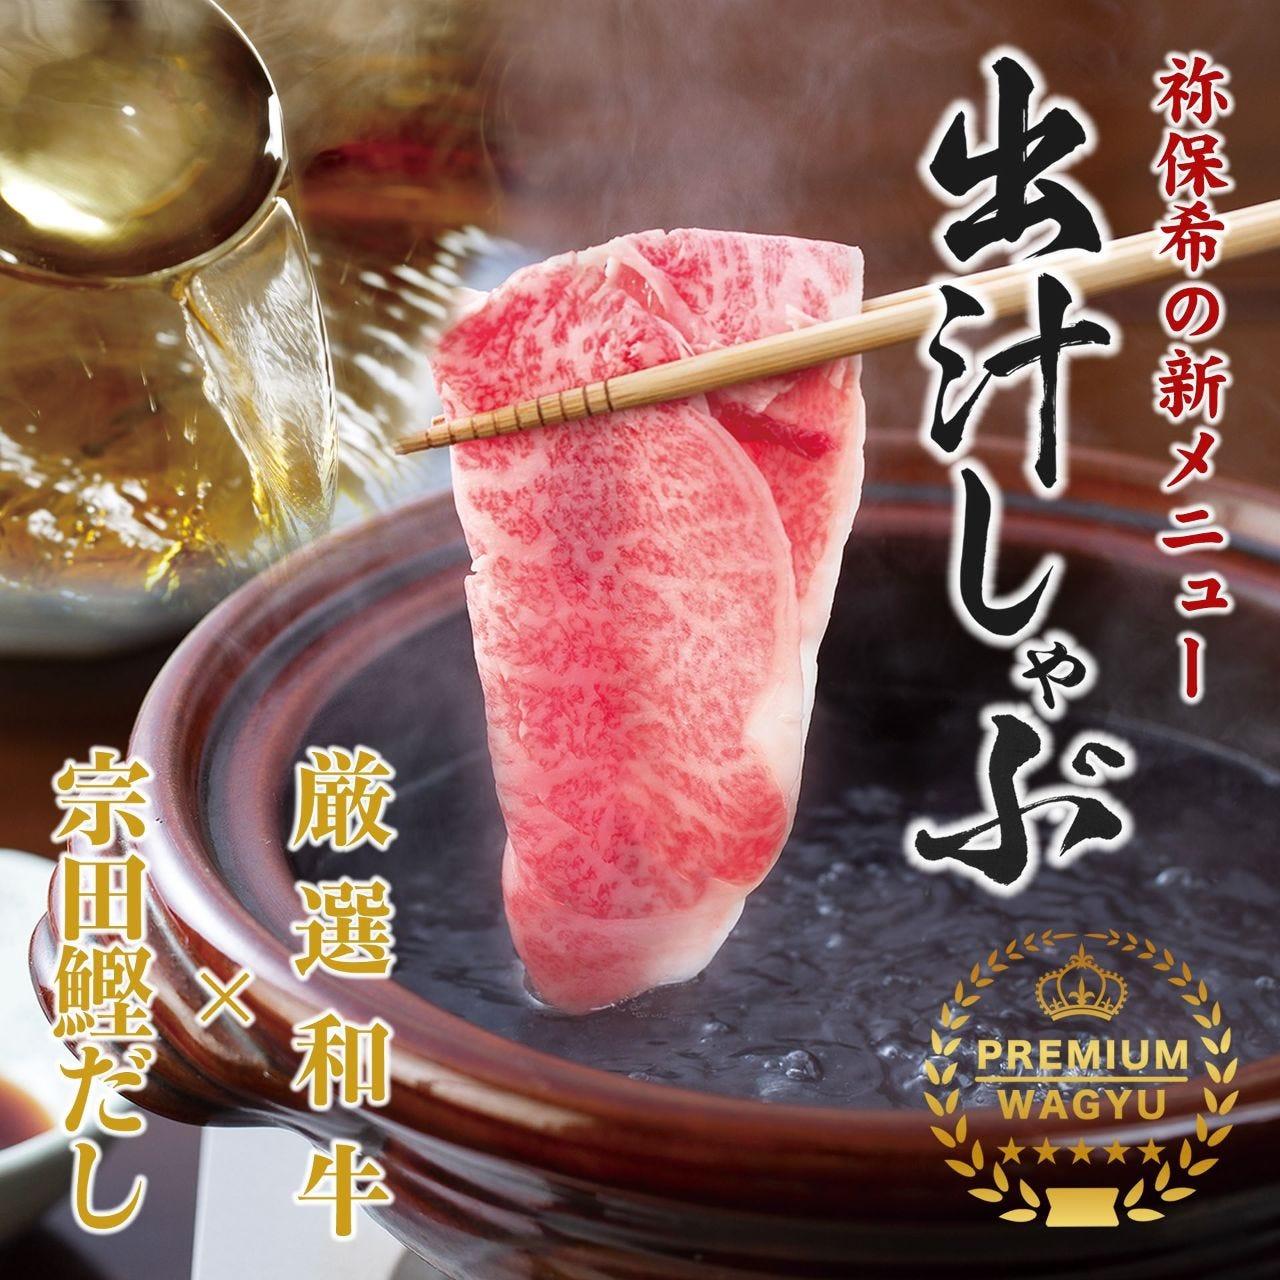 上質な黒毛和牛と鰹出汁の「出汁しゃぶ」 祢保希の新商品です!